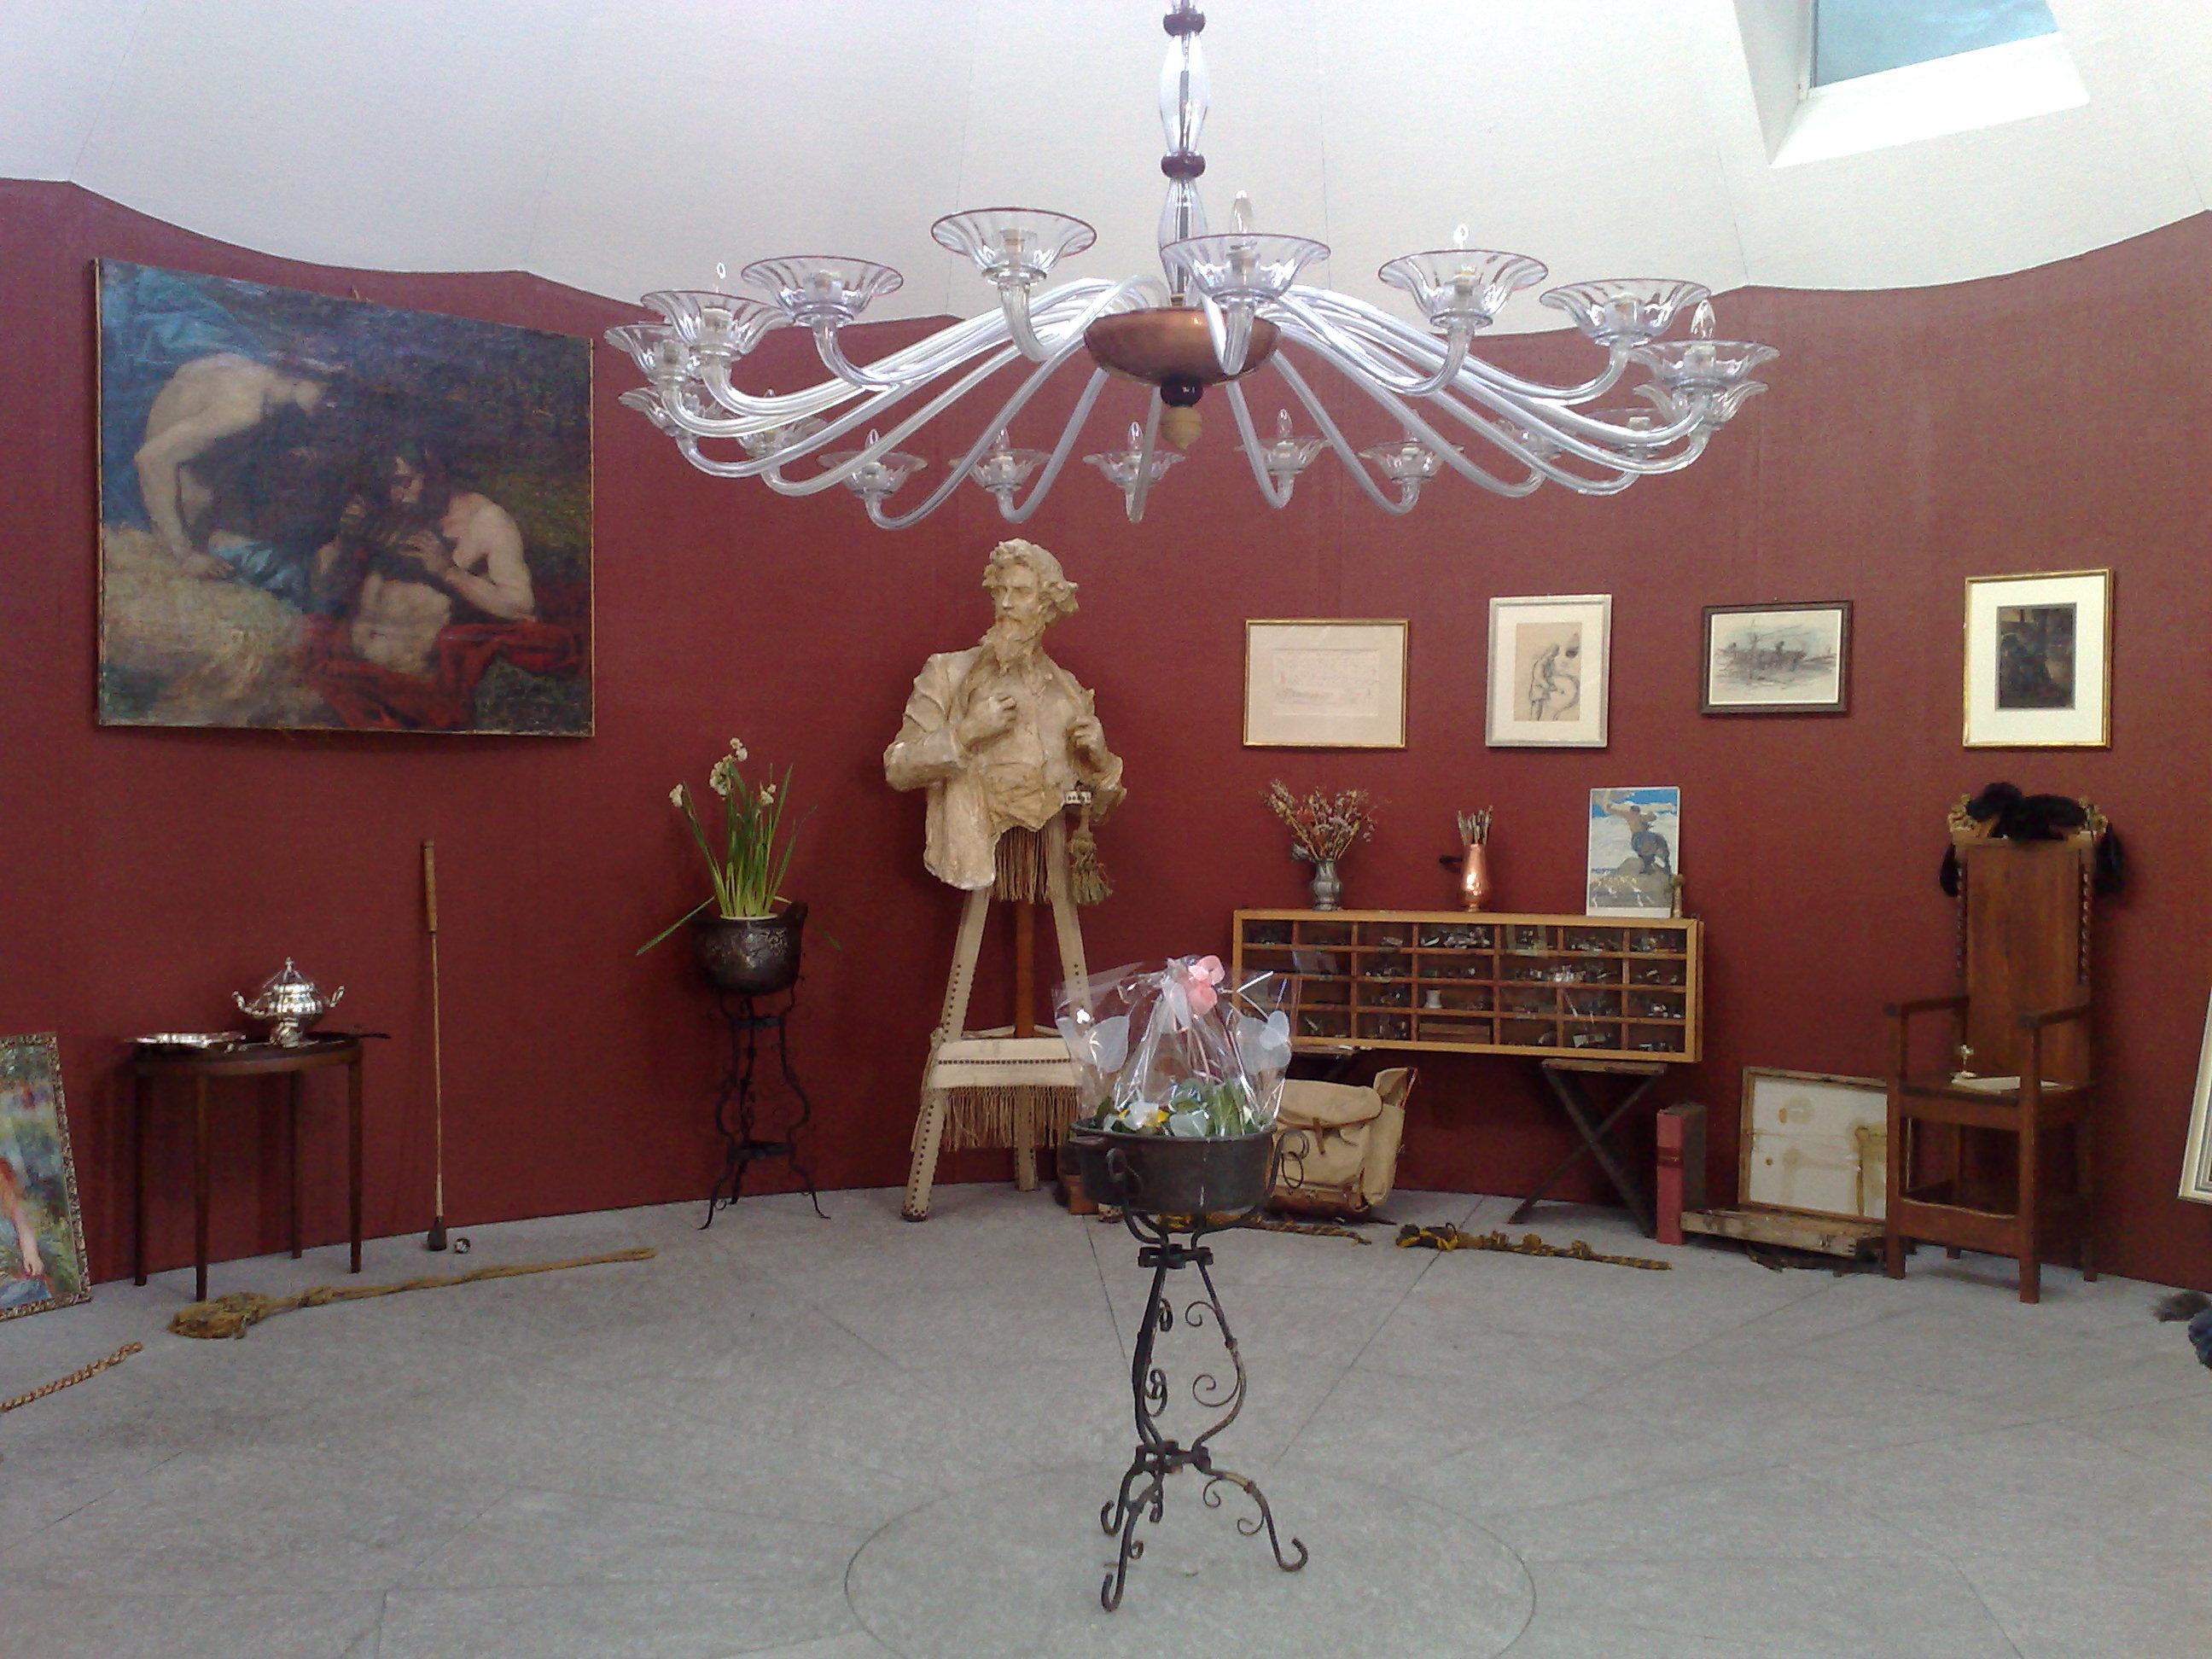 Atelier Segantini Slide 1